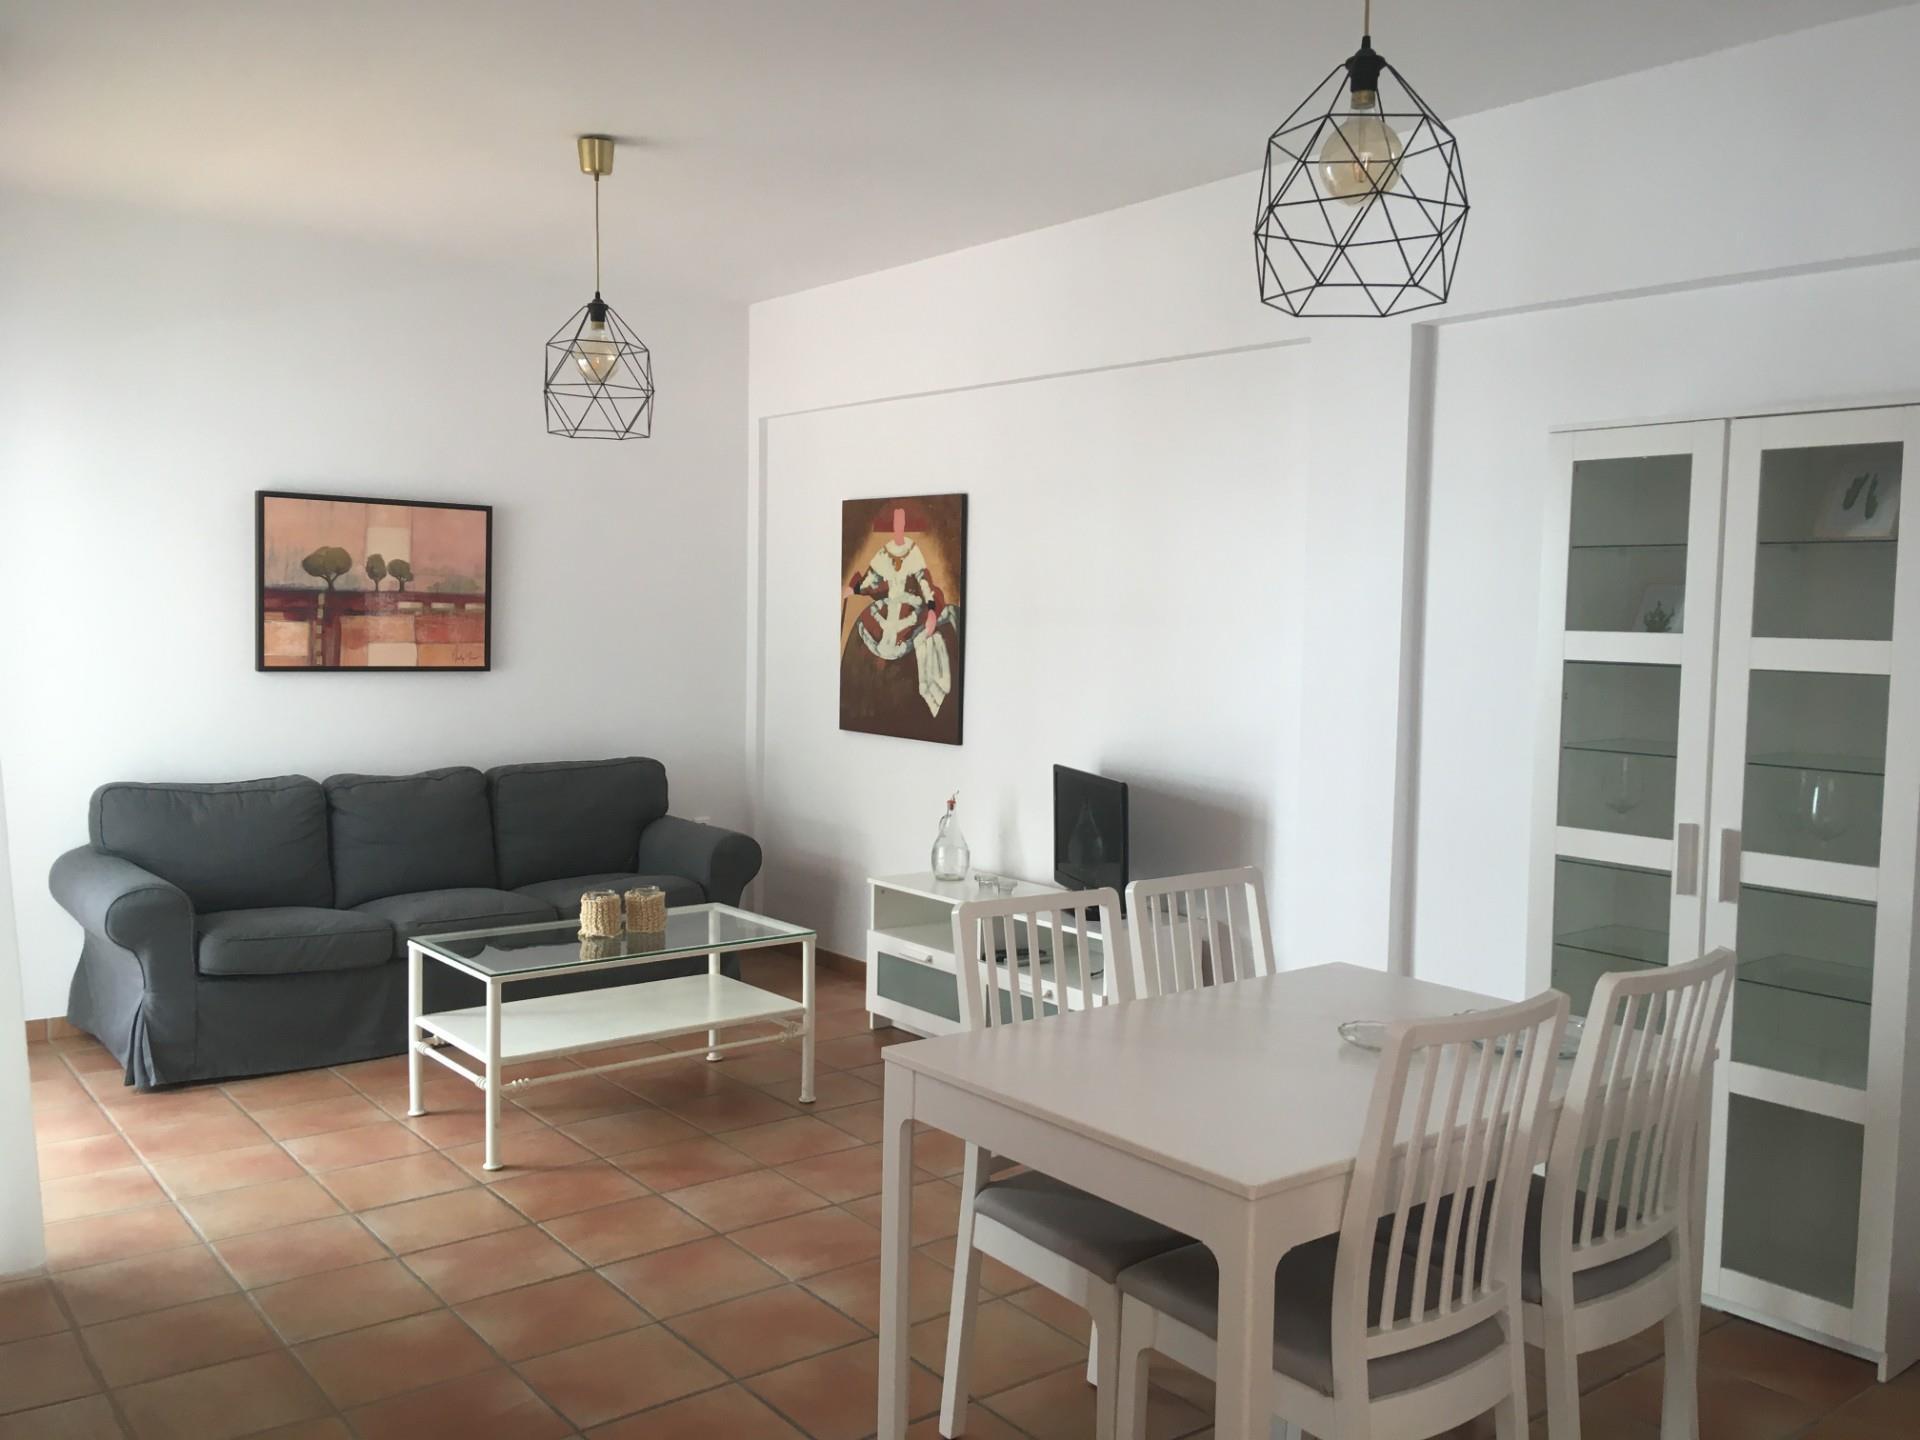 Casa adosada de alquiler en Calle la Fuente, 30 Alcaucín (Alcaucín, Málaga)